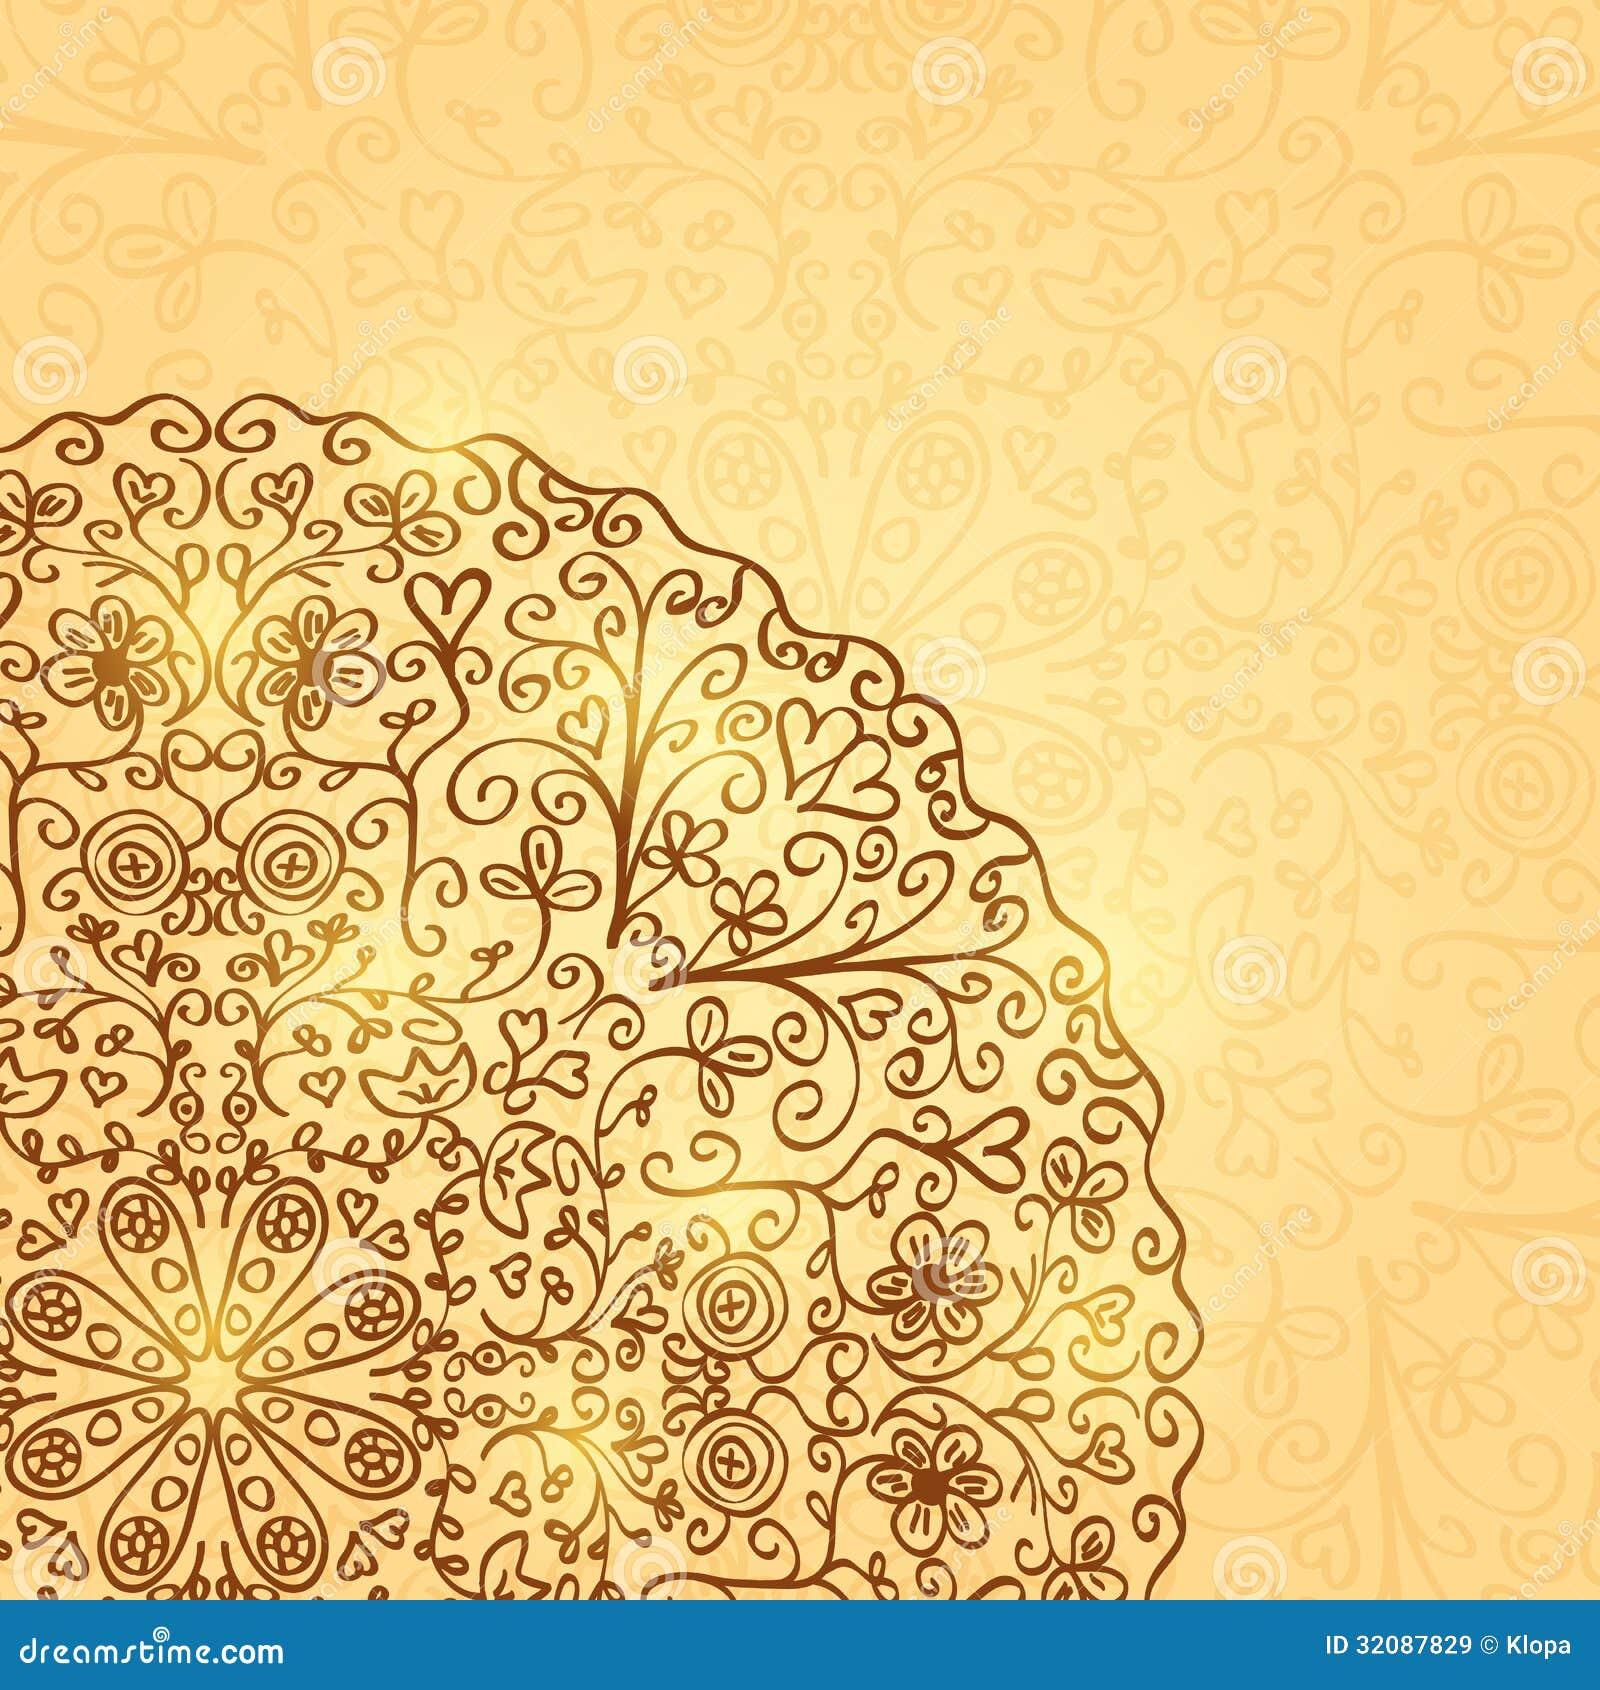 Vintage flower wallpaper designs vintage floral wallpaper - Fond Clair Avec Demi Mandala Ornament Images Libres De